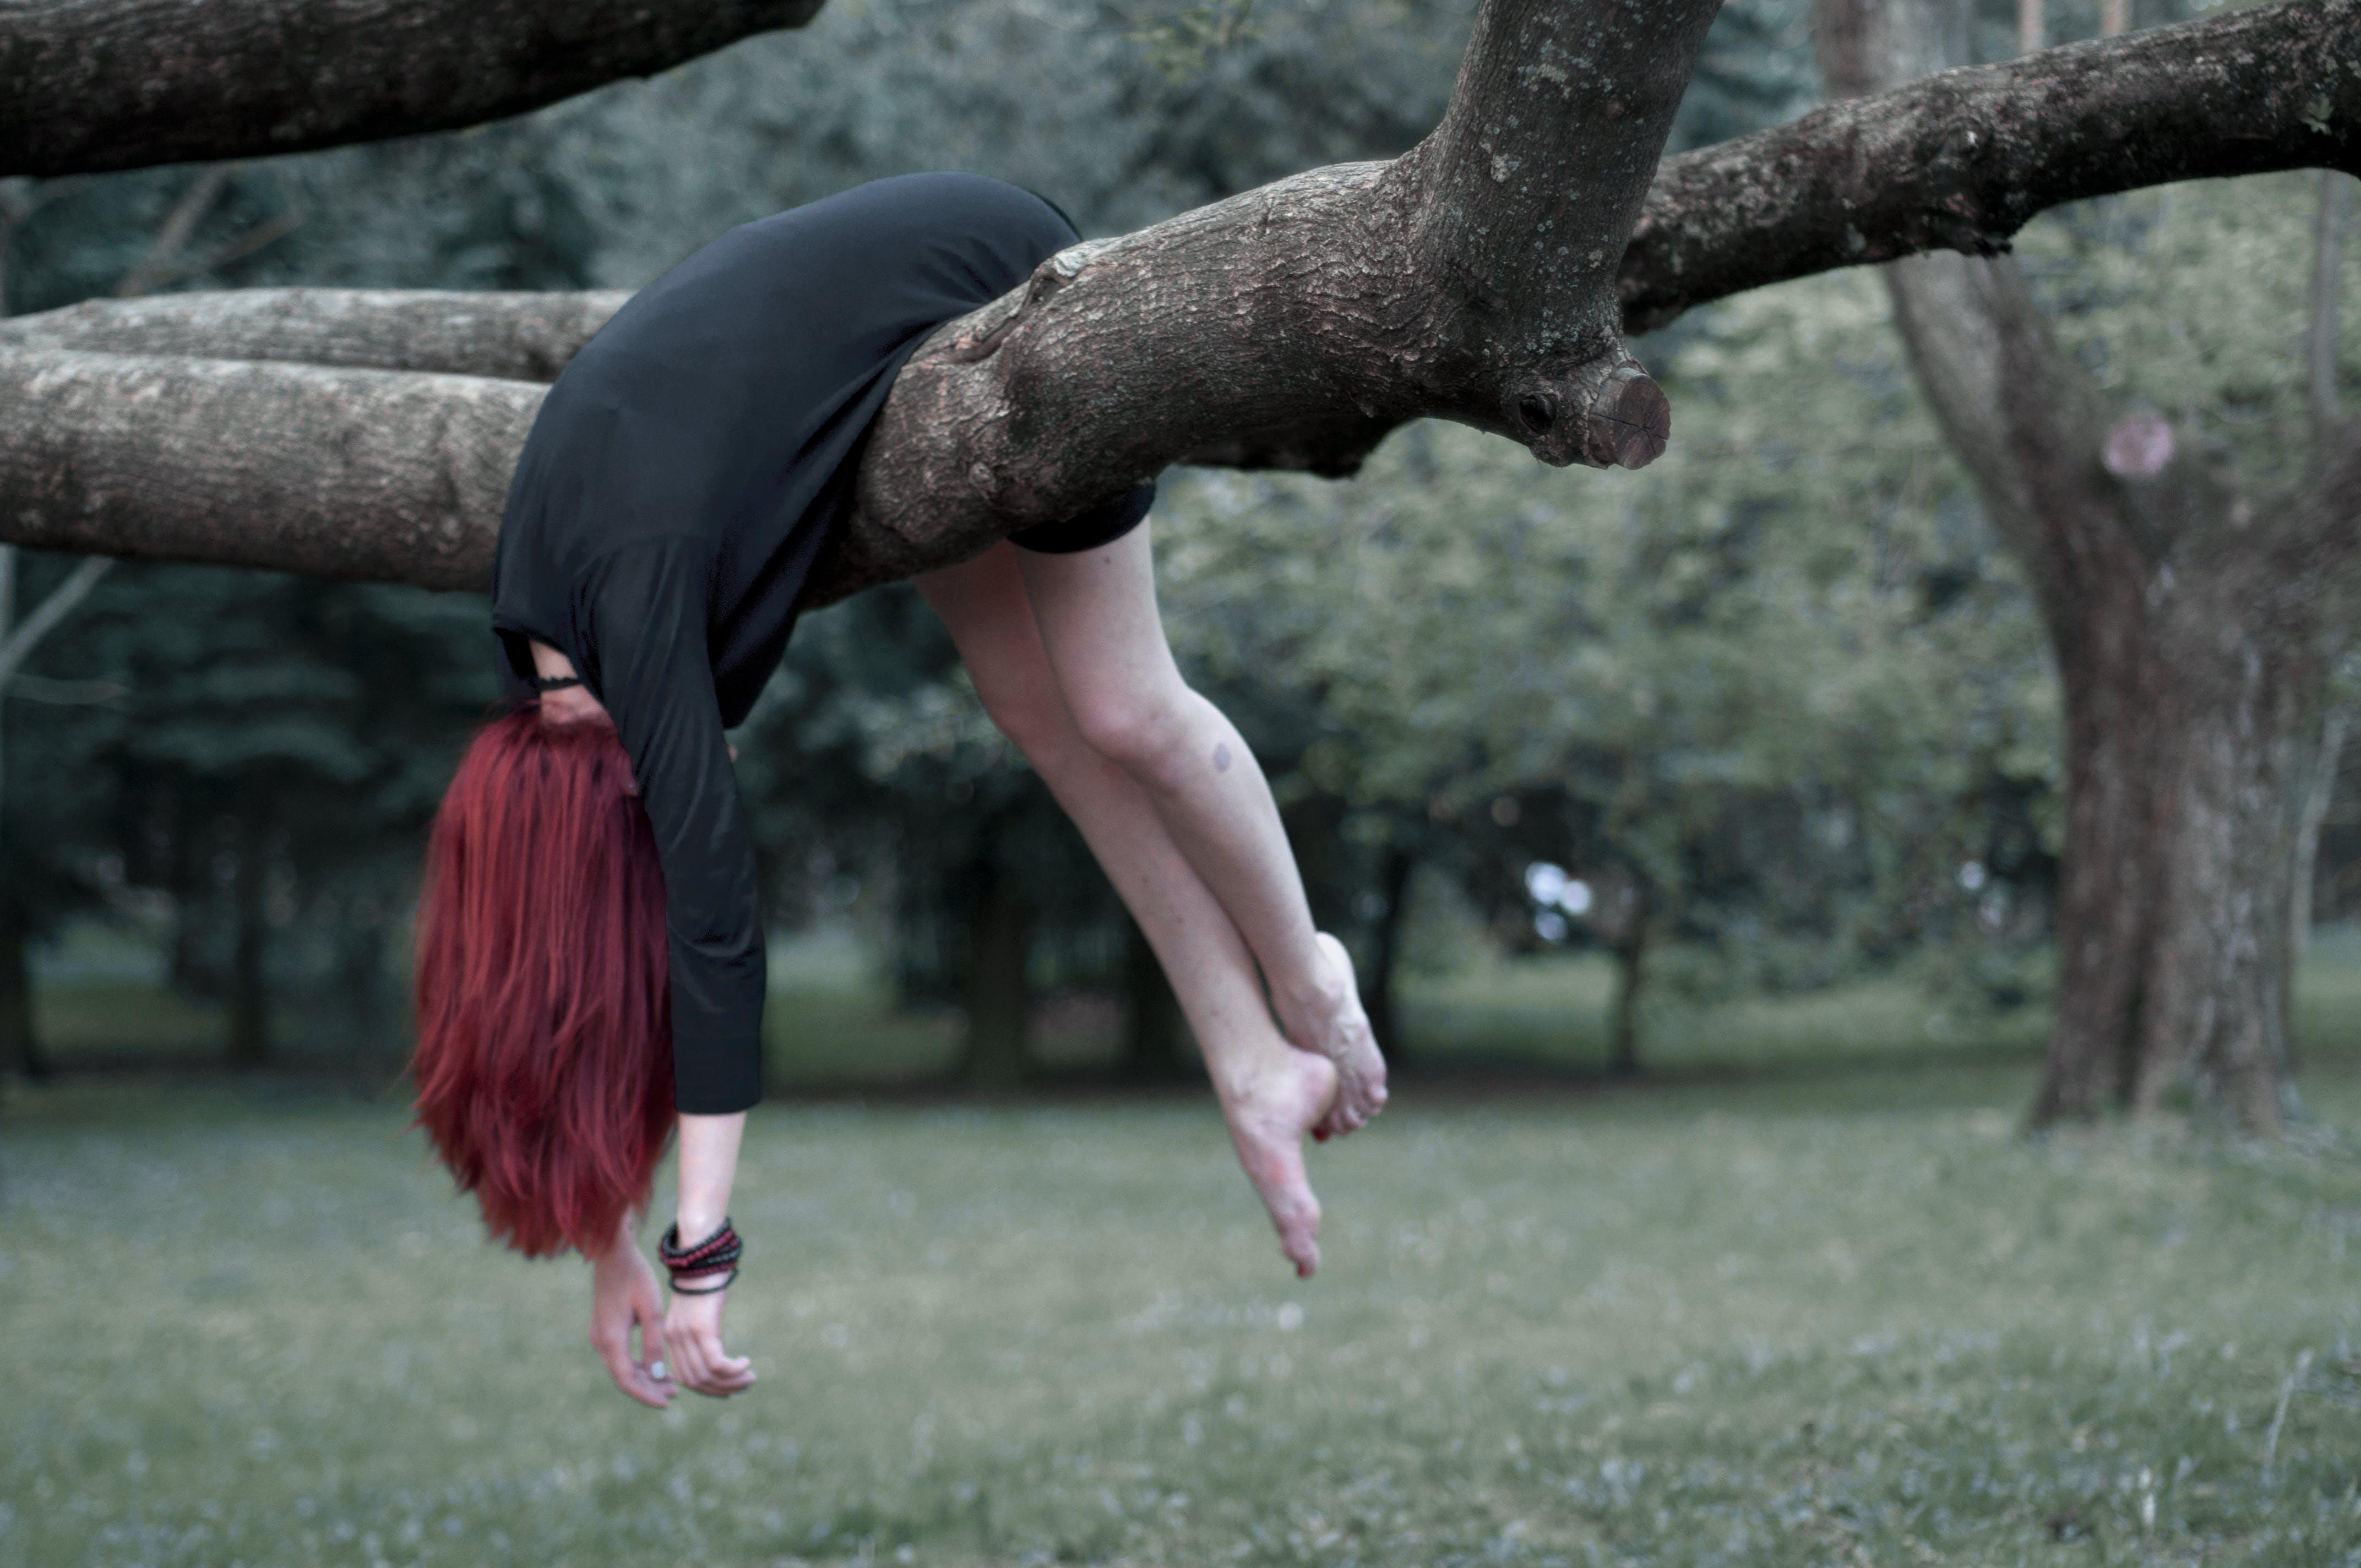 Δωρεάν στοκ φωτογραφιών με αναψυχή, γρασίδι, γυναίκα, δέντρο